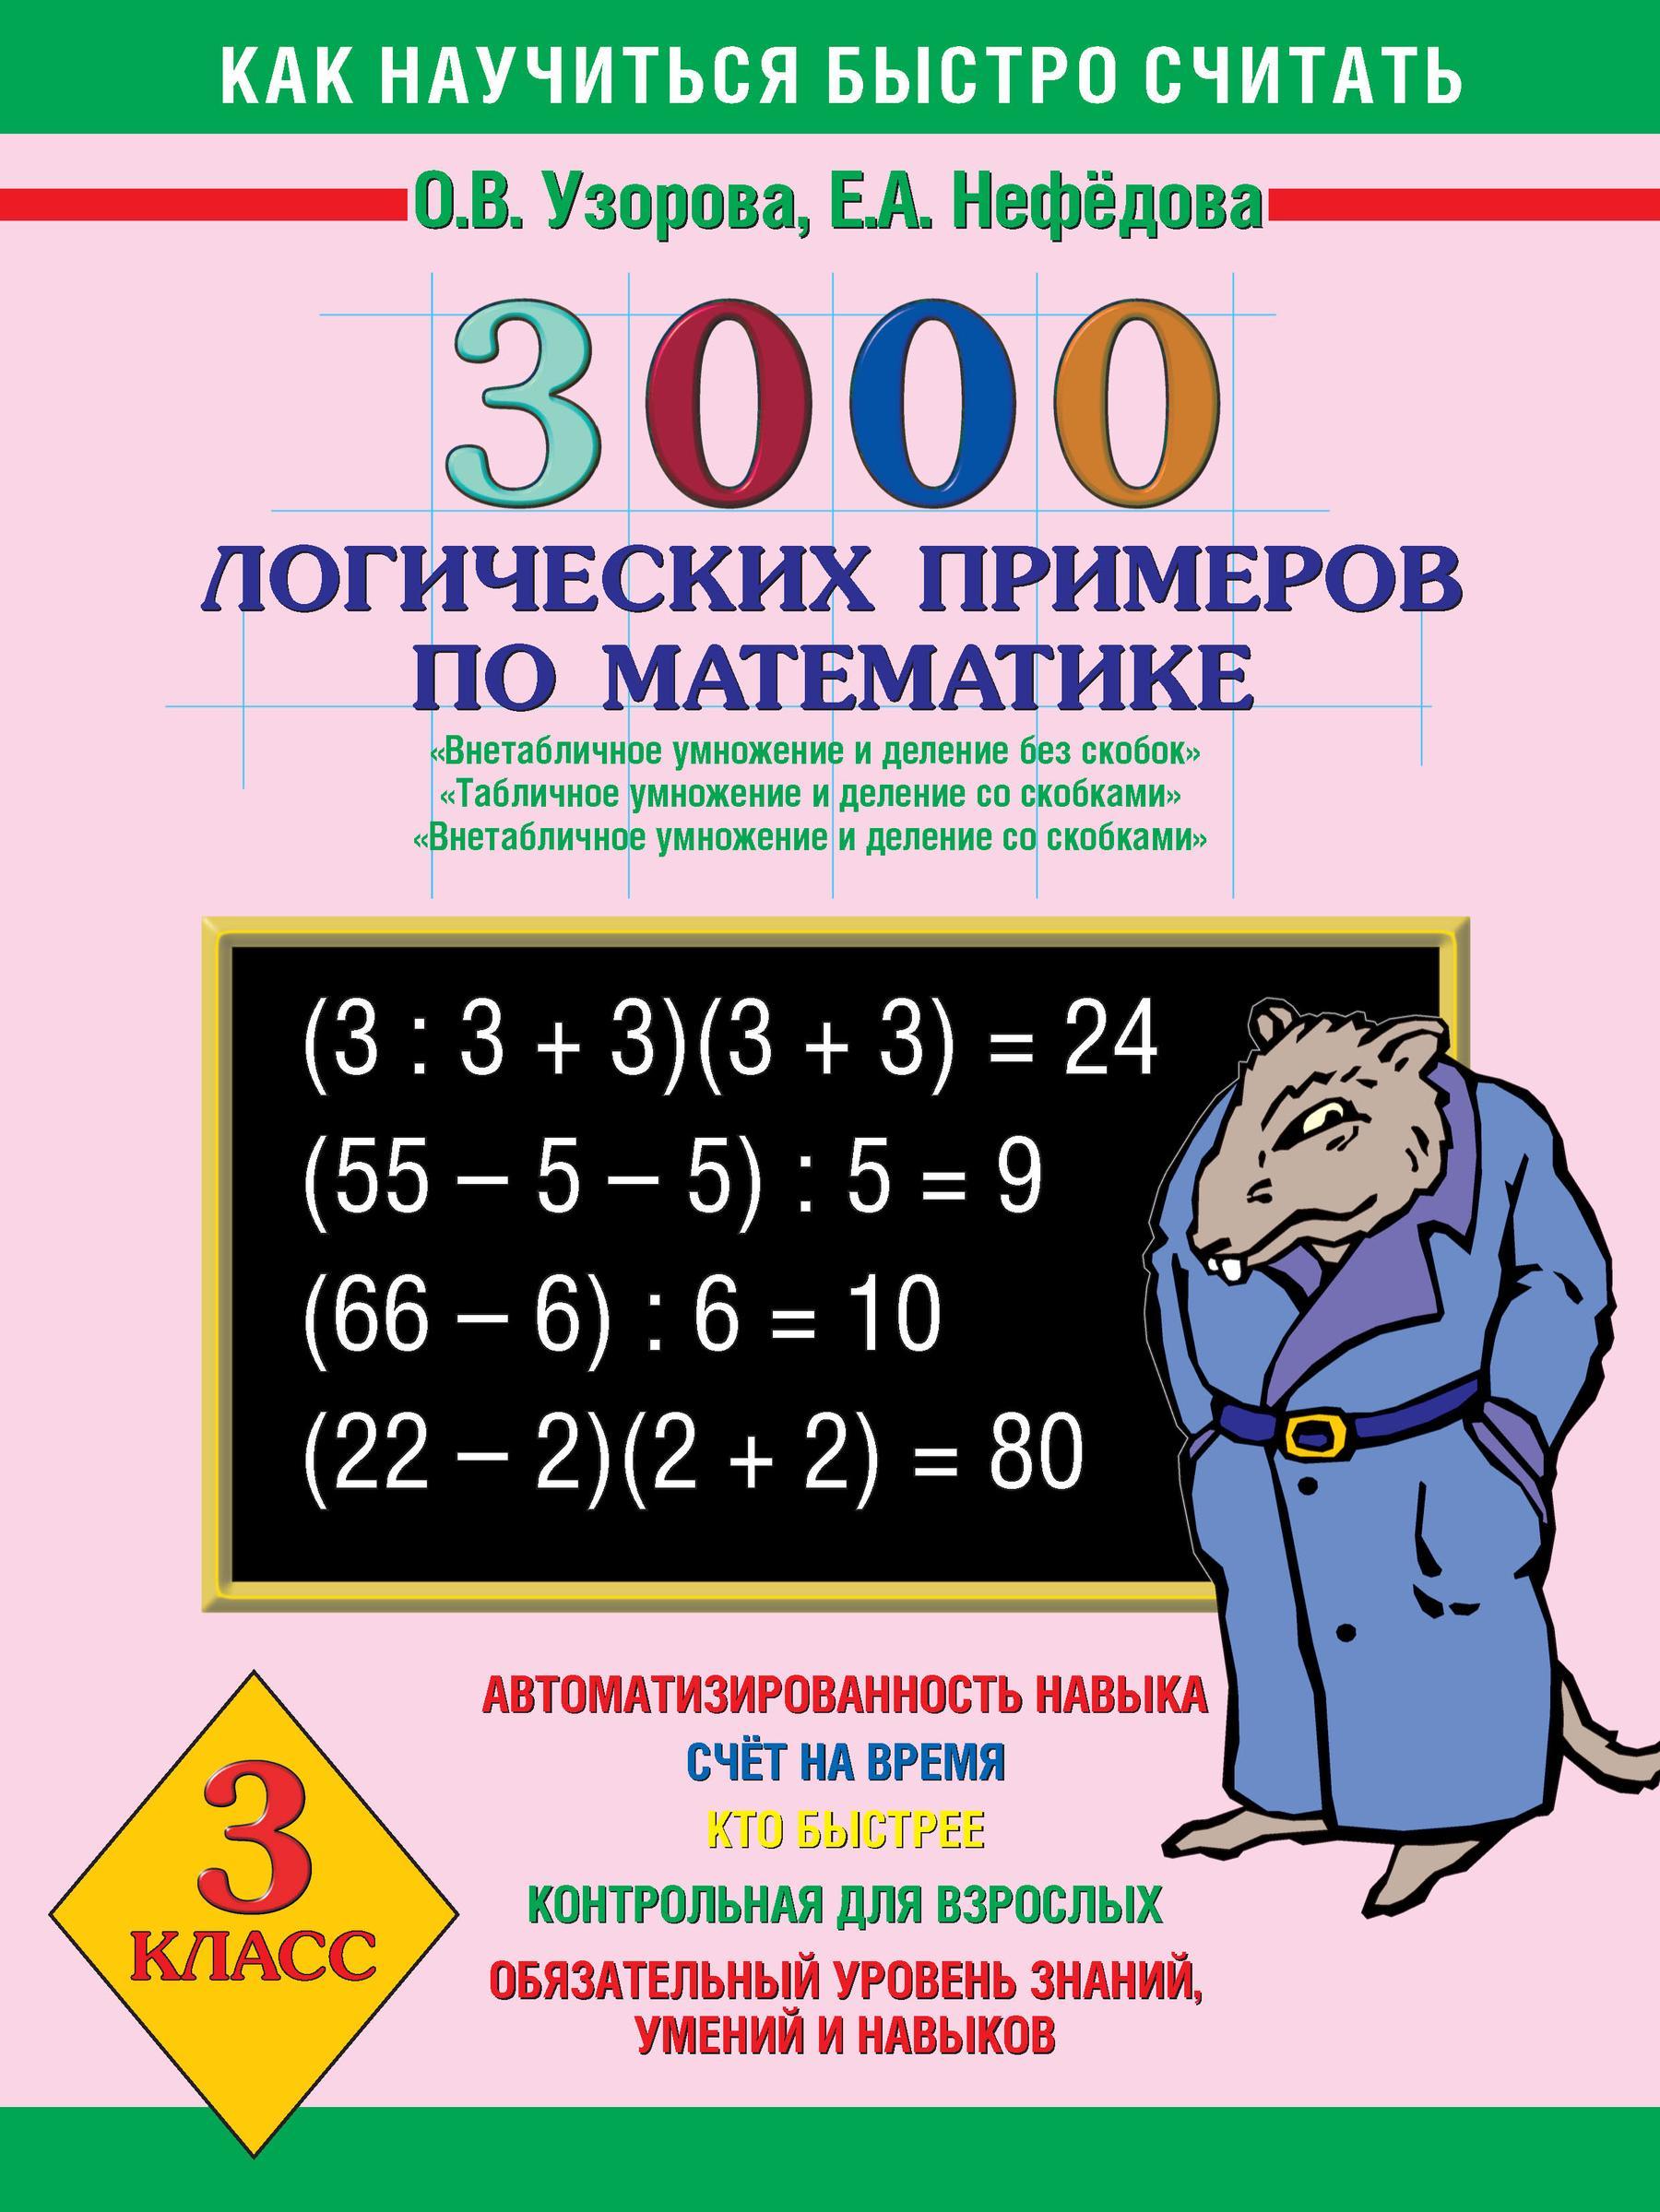 О. В. Узорова 3000 логических примеров по математике. Внетабличное умножение и деление без скобок. Табличное умножение и деление со скобками. Внетабличное умножение и деление со скобками. 3 класс узорова о нефедова е 3000 примеров по математике 2 класс устный счет табличное умножение и деление